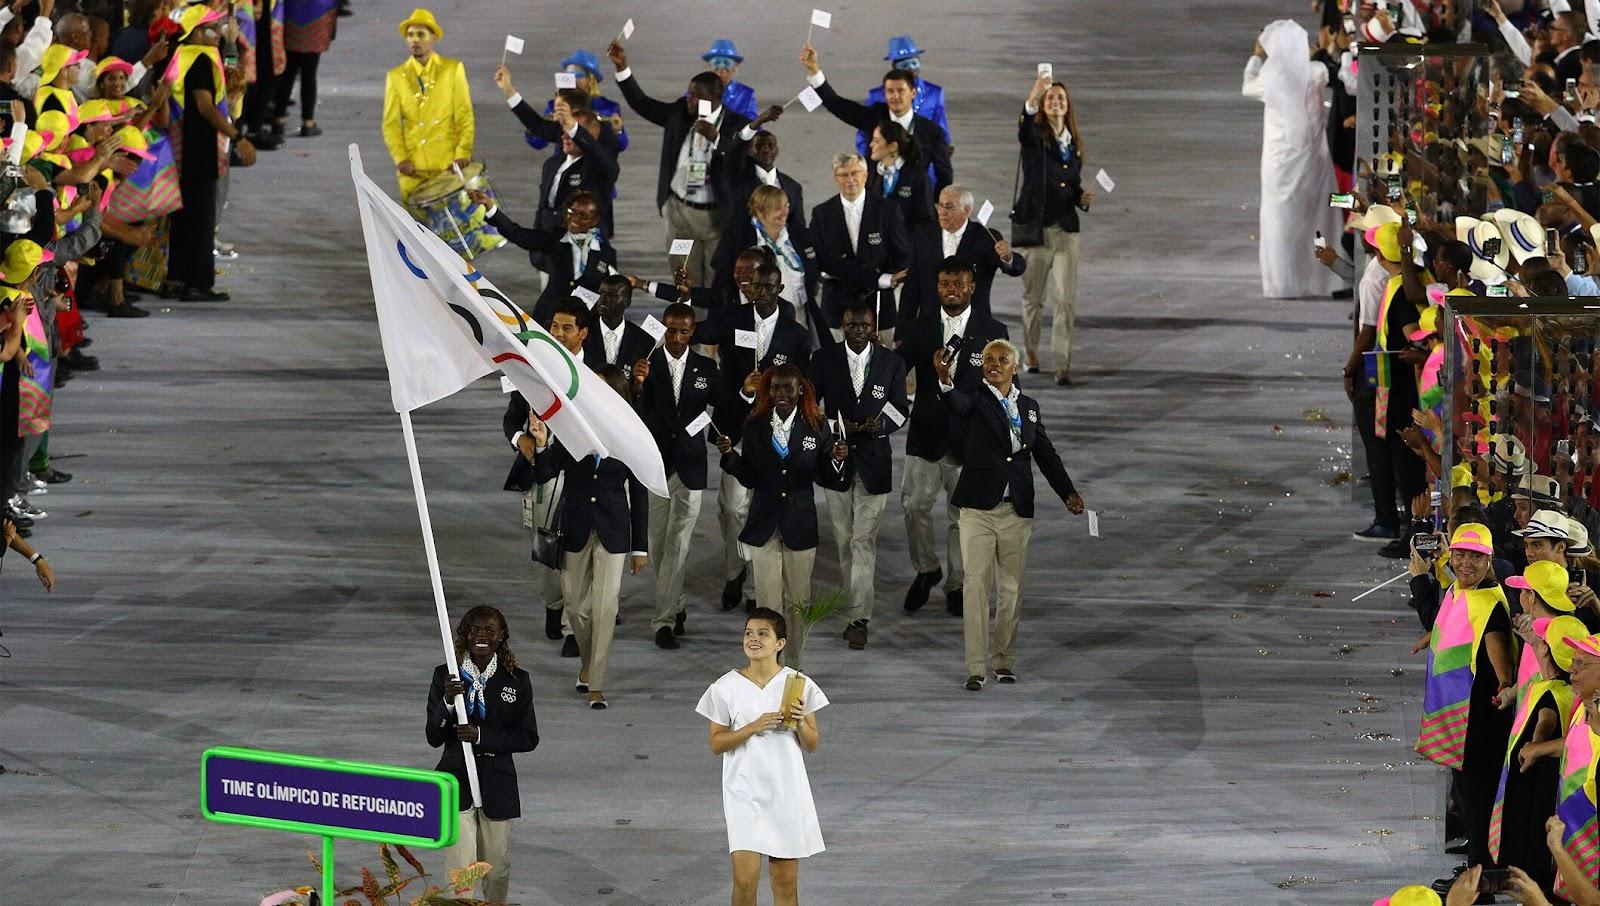 Time Olímpico de Refugiados fez sua estreia na Rio 2016 (Imagem: Wikimedia Commons)